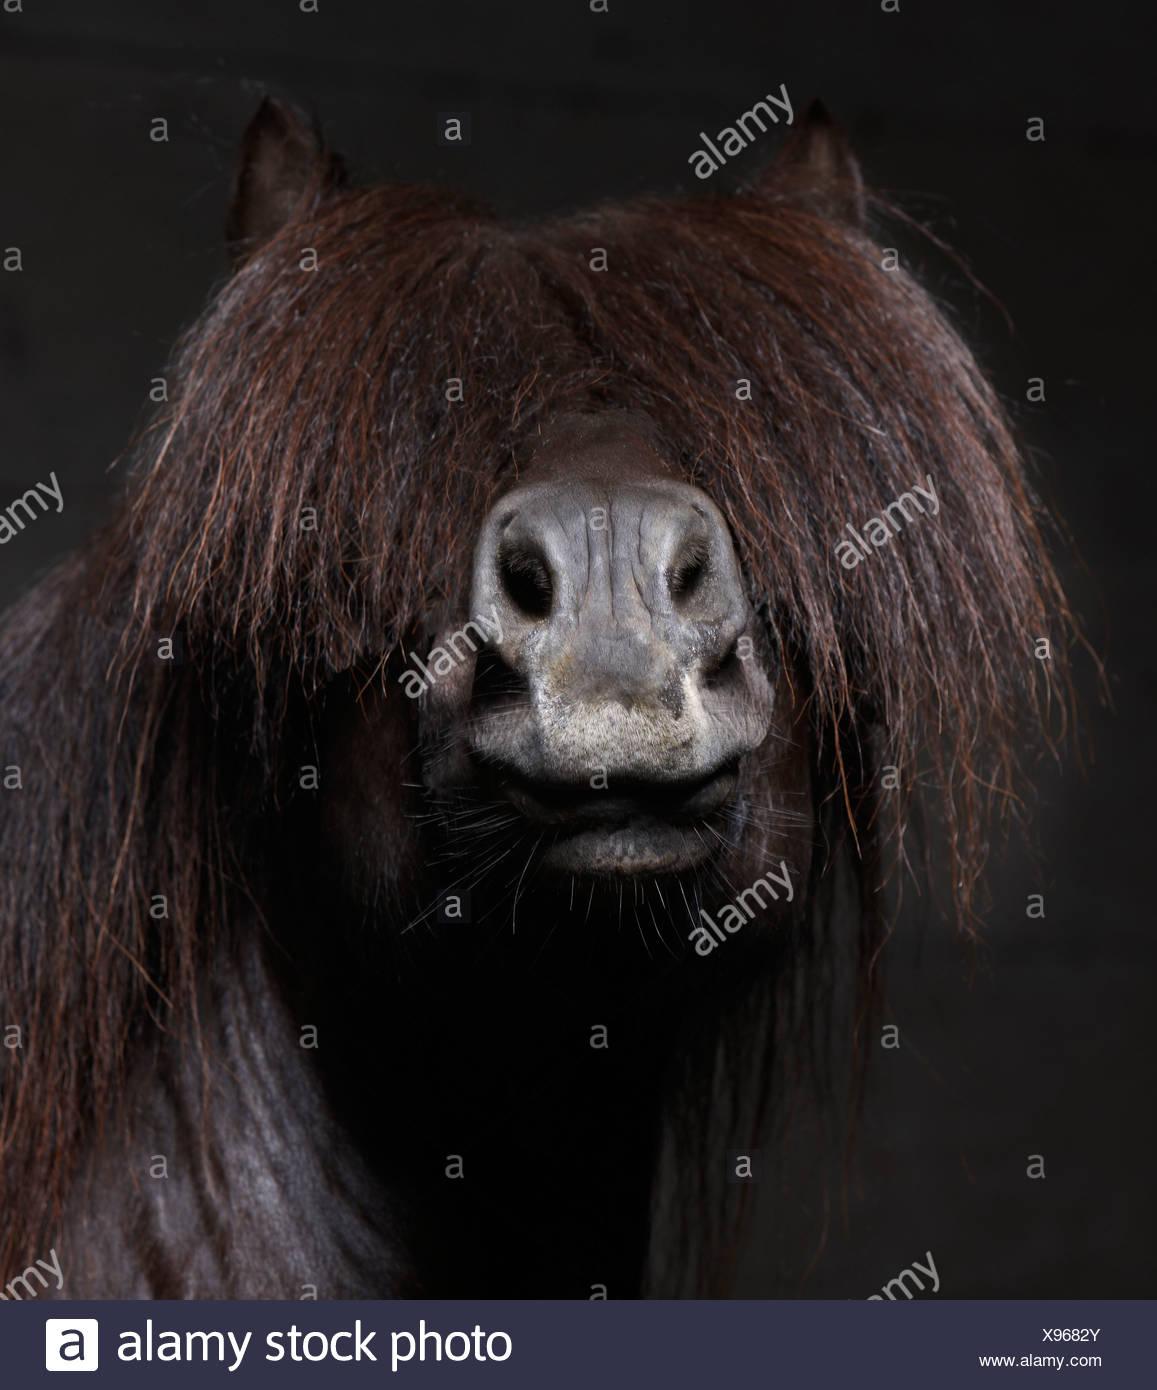 Di pura razza islandese di Stallone con la criniera sopra gli occhi, Islanda Immagini Stock